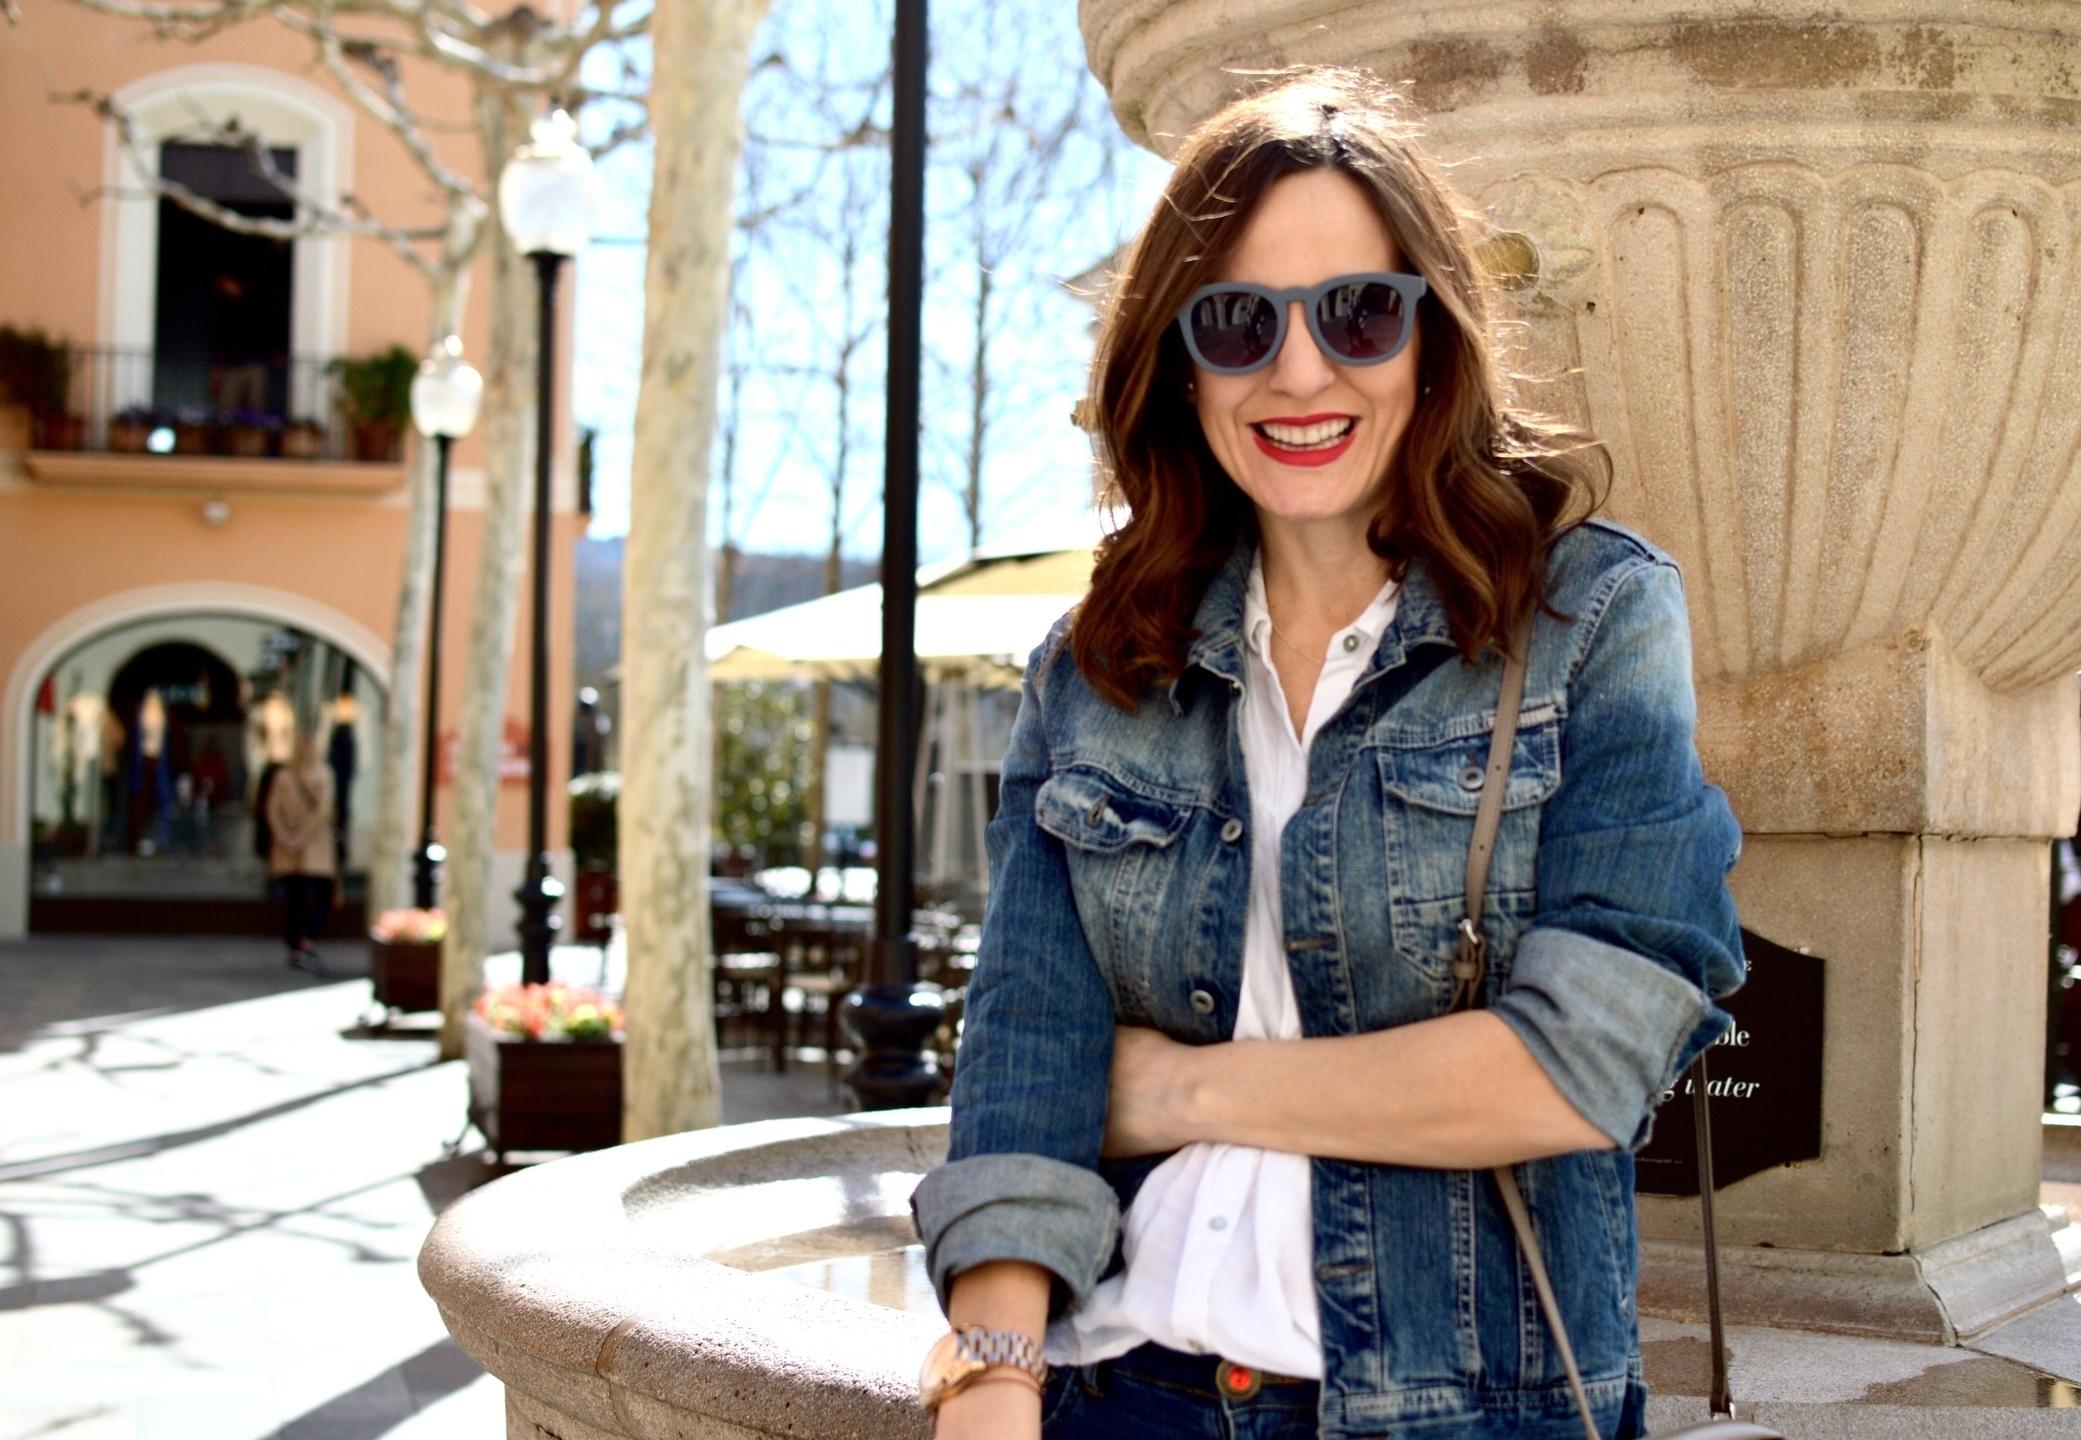 rosaframbuesa (@rosaframbuesa) Cover Image